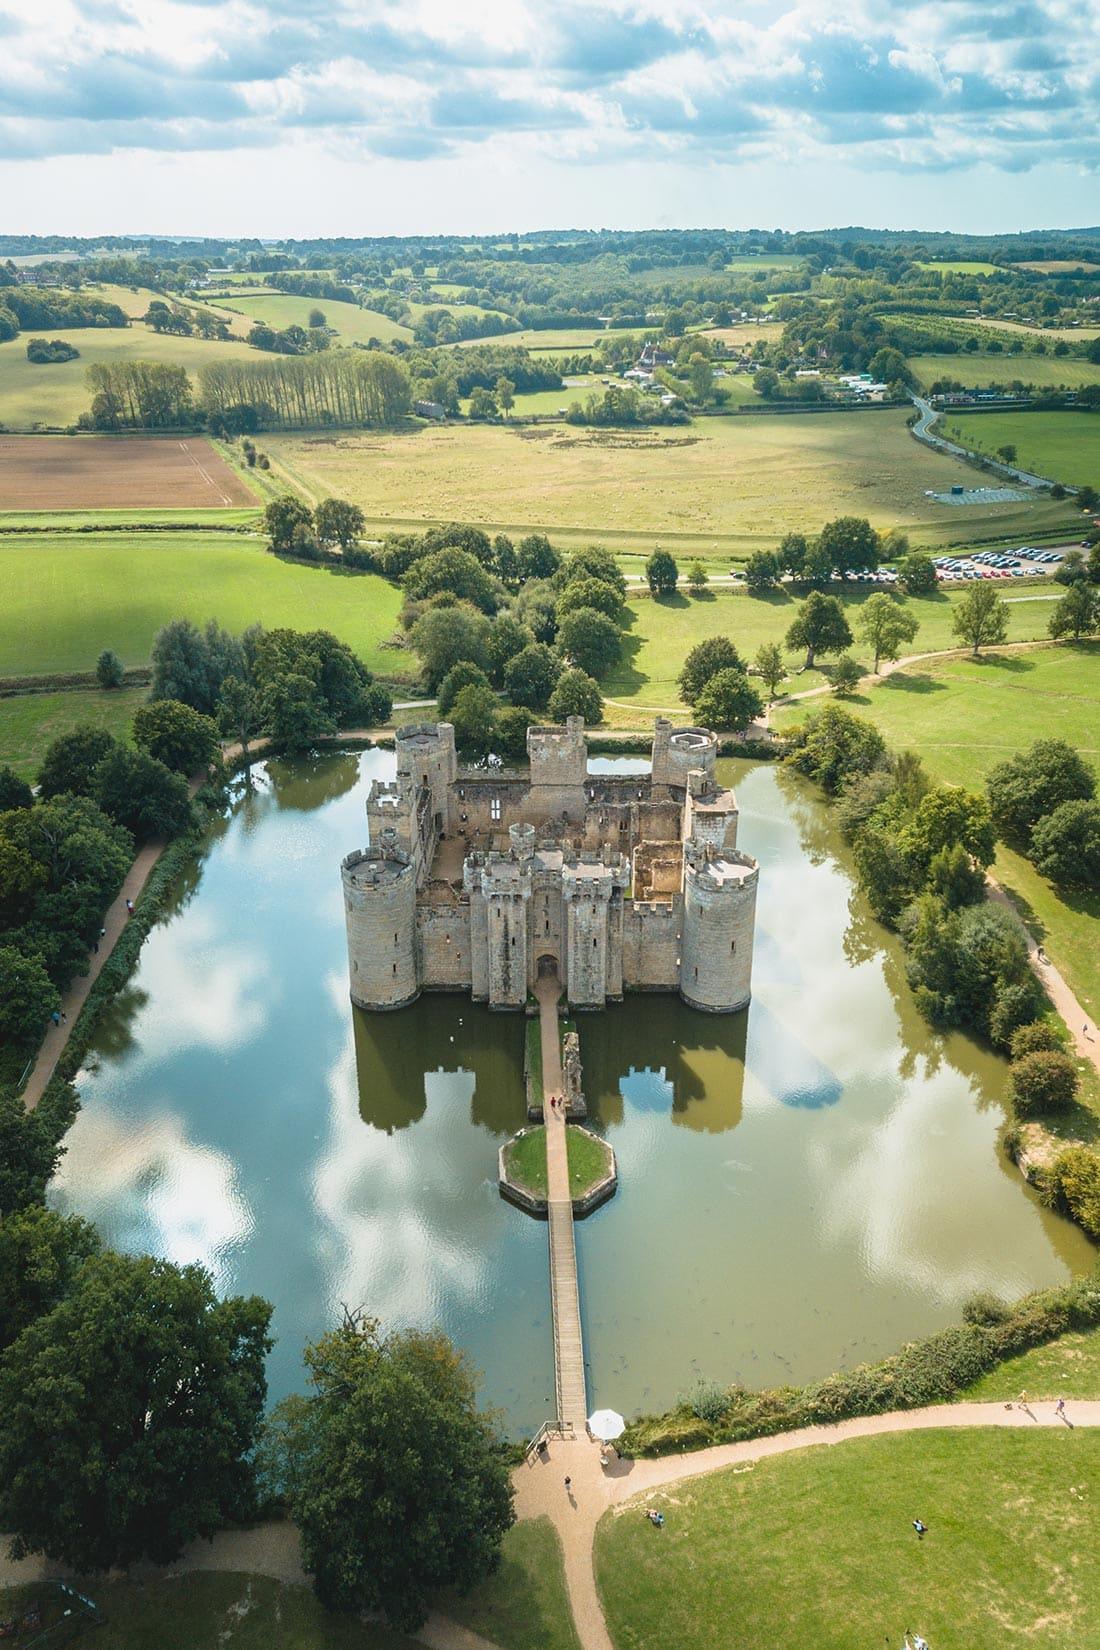 bodiam castle aerial view